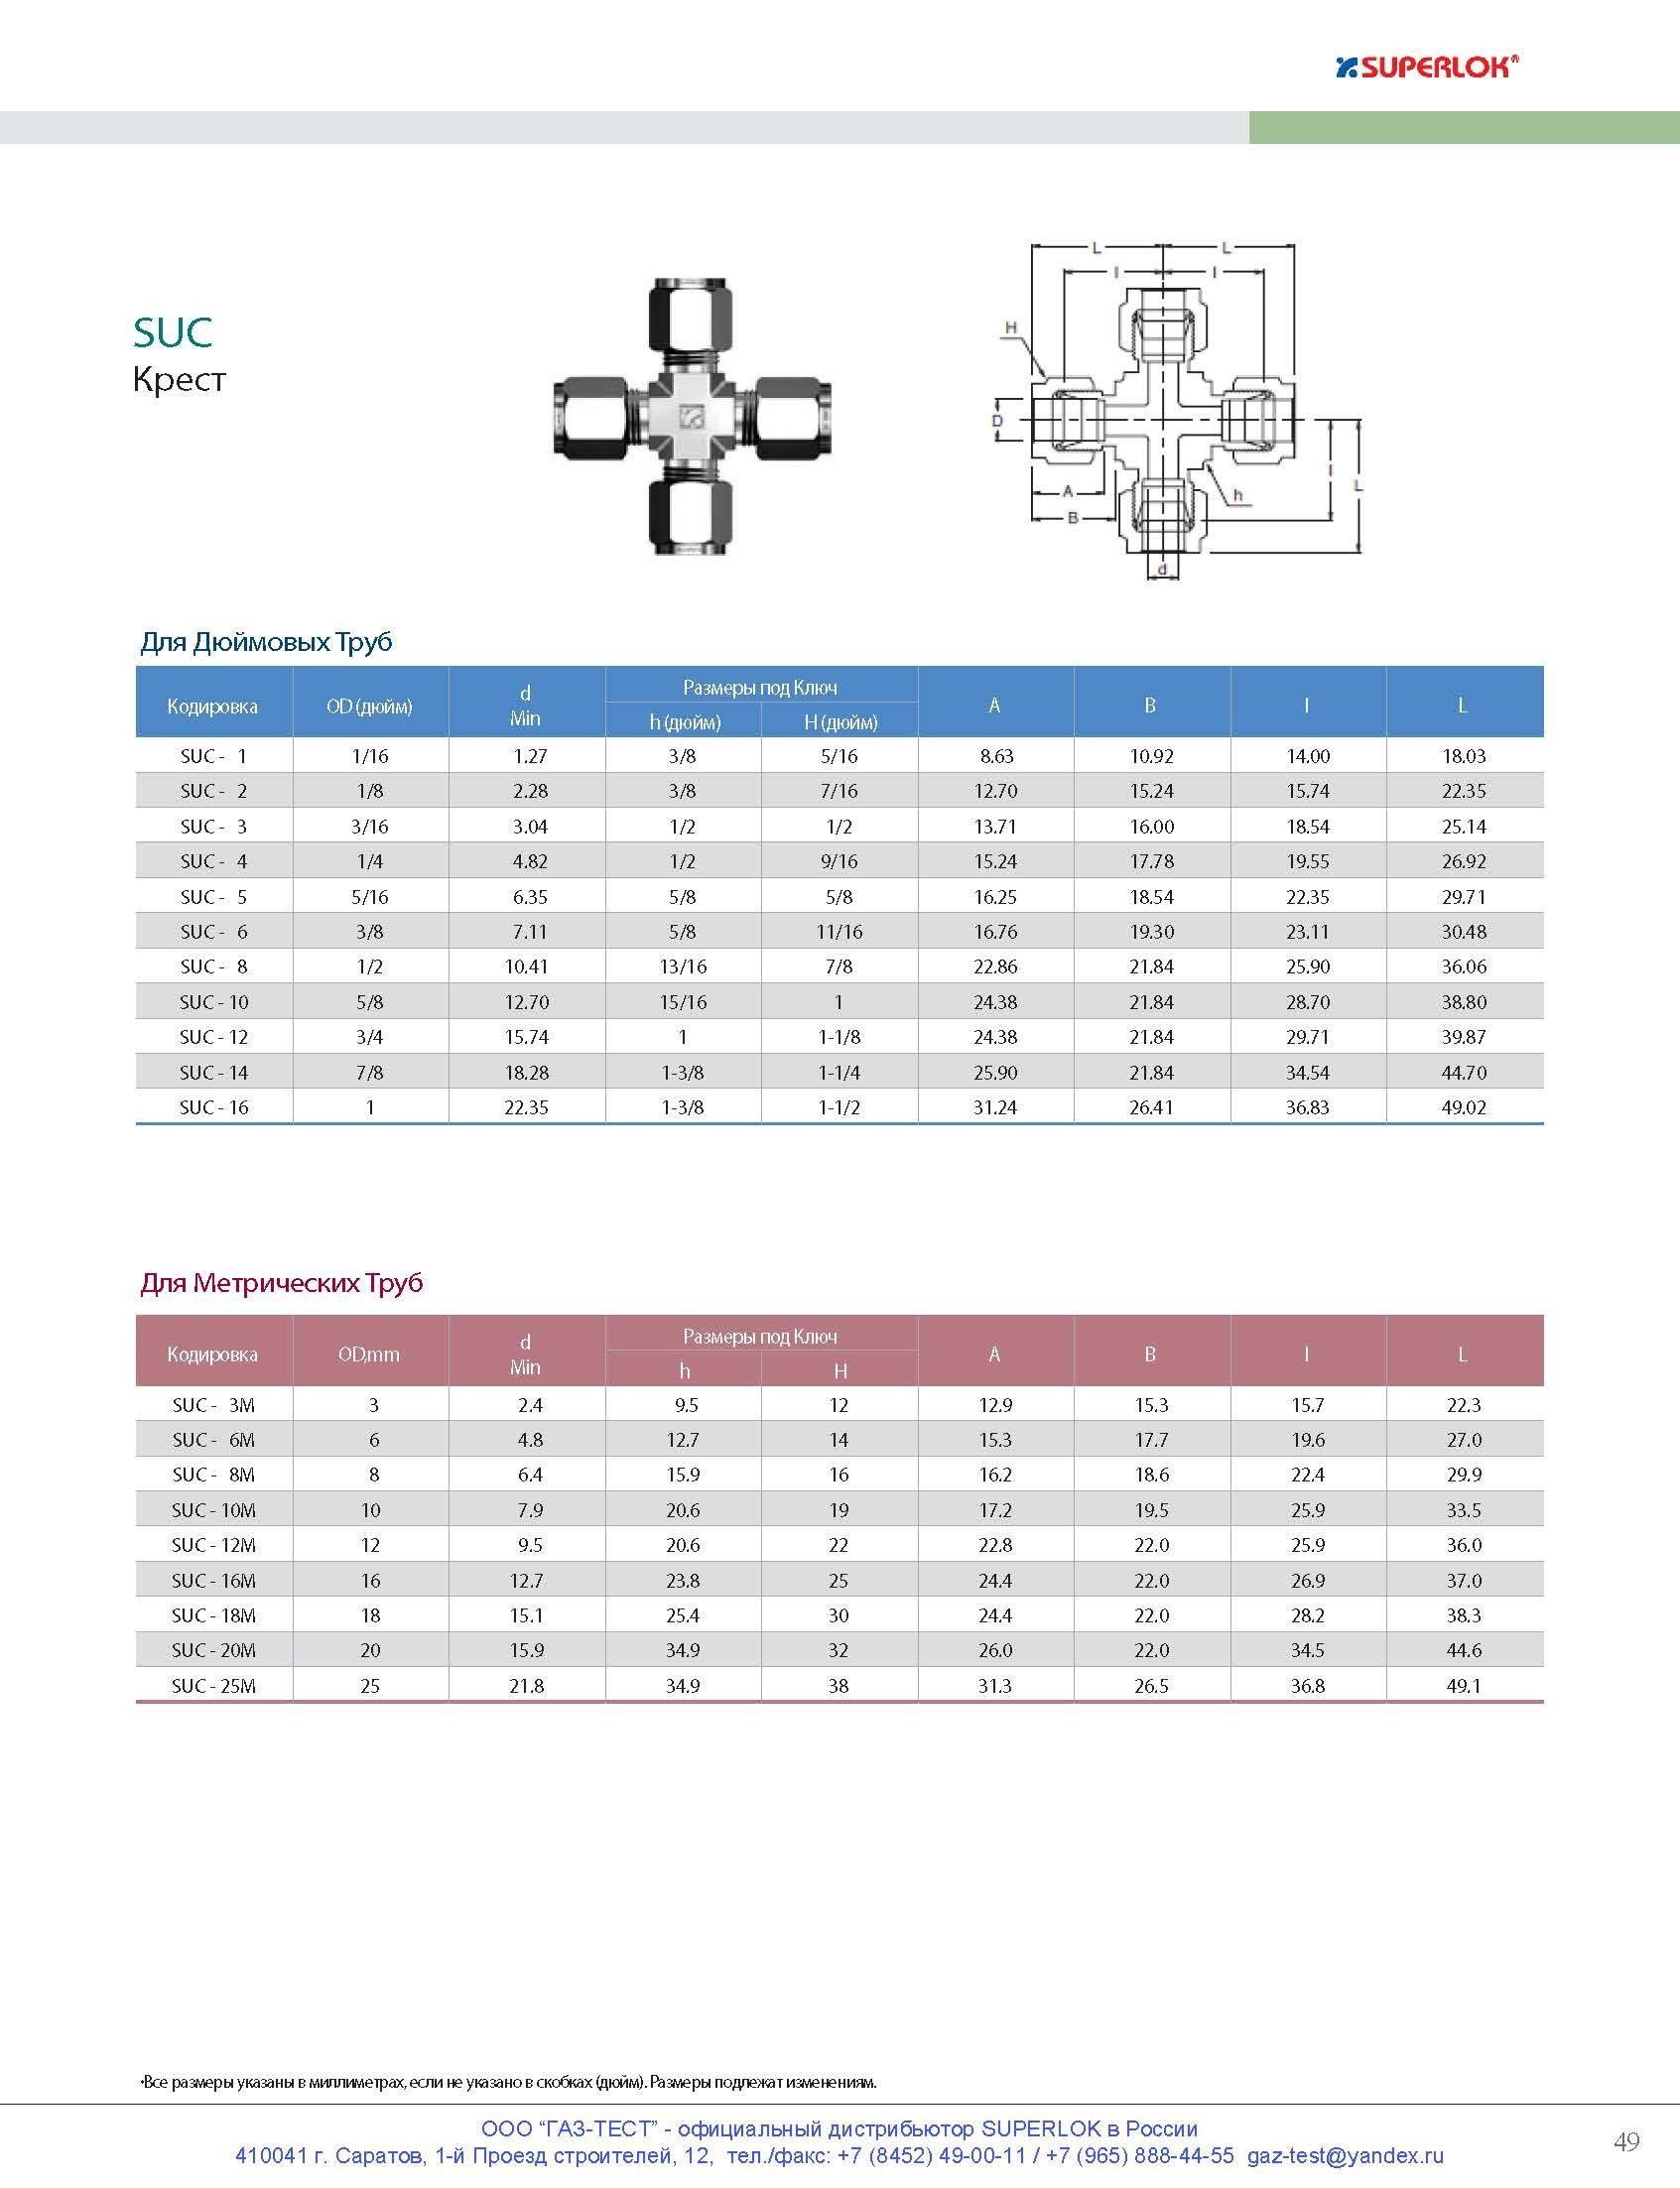 Техническая информация на крестовины suc